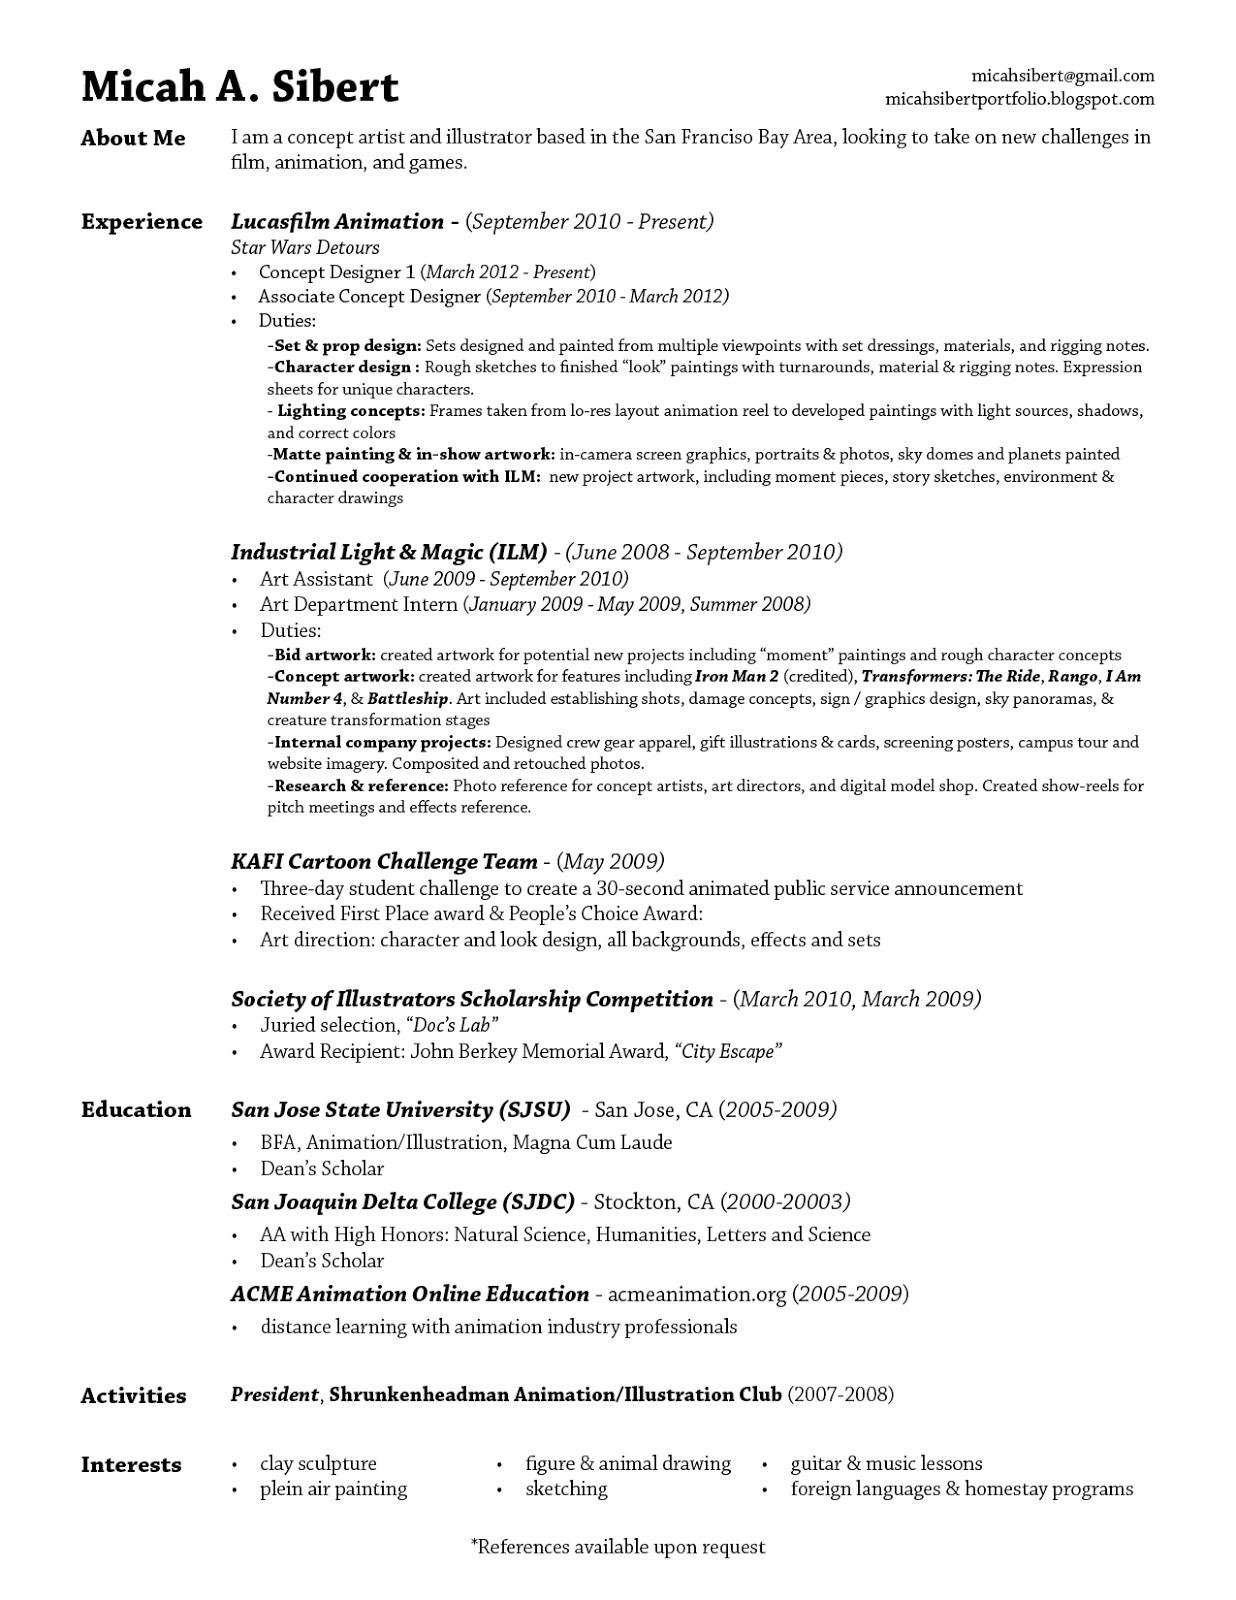 Cum Laude On Resume 39